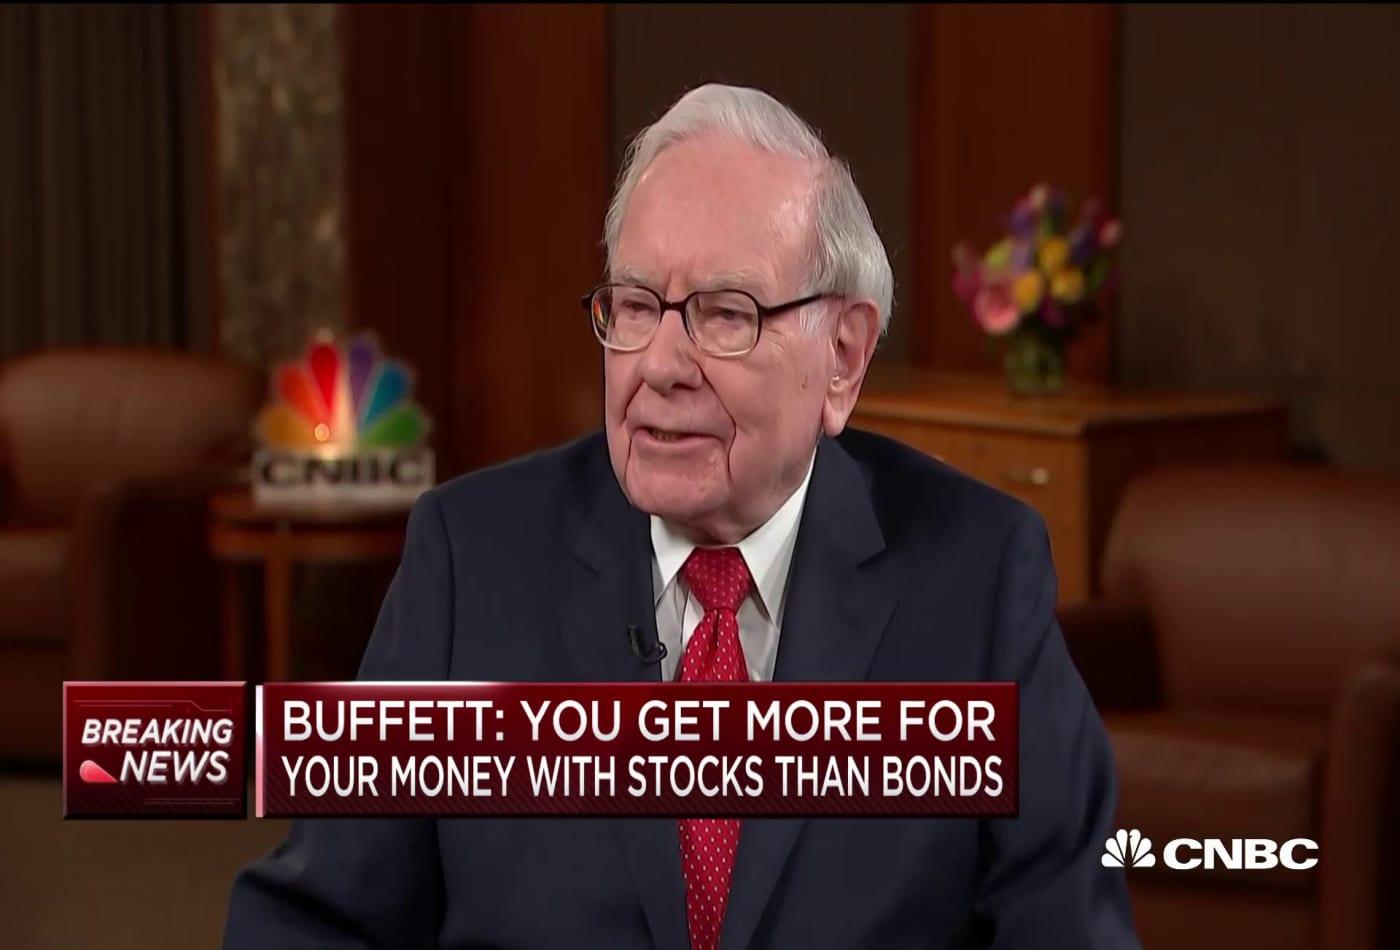 Warren Buffett: I've been a net buyer of stocks every year since I was 11